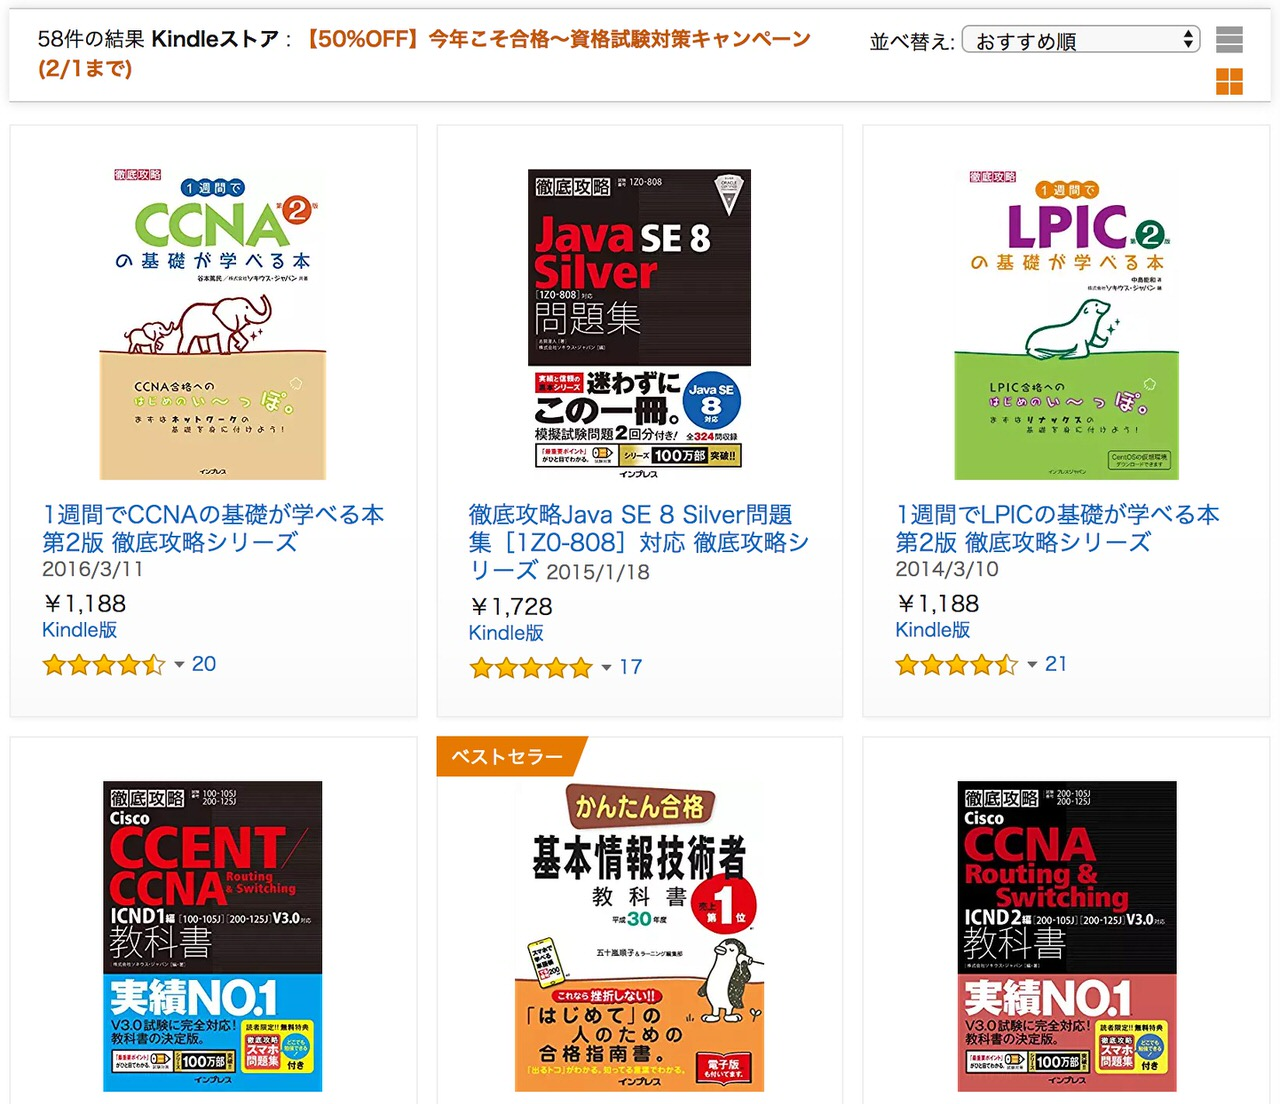 【Kindleセール】50%オフ「今年こそ合格~資格試験対策キャンペーン」(2/1まで)